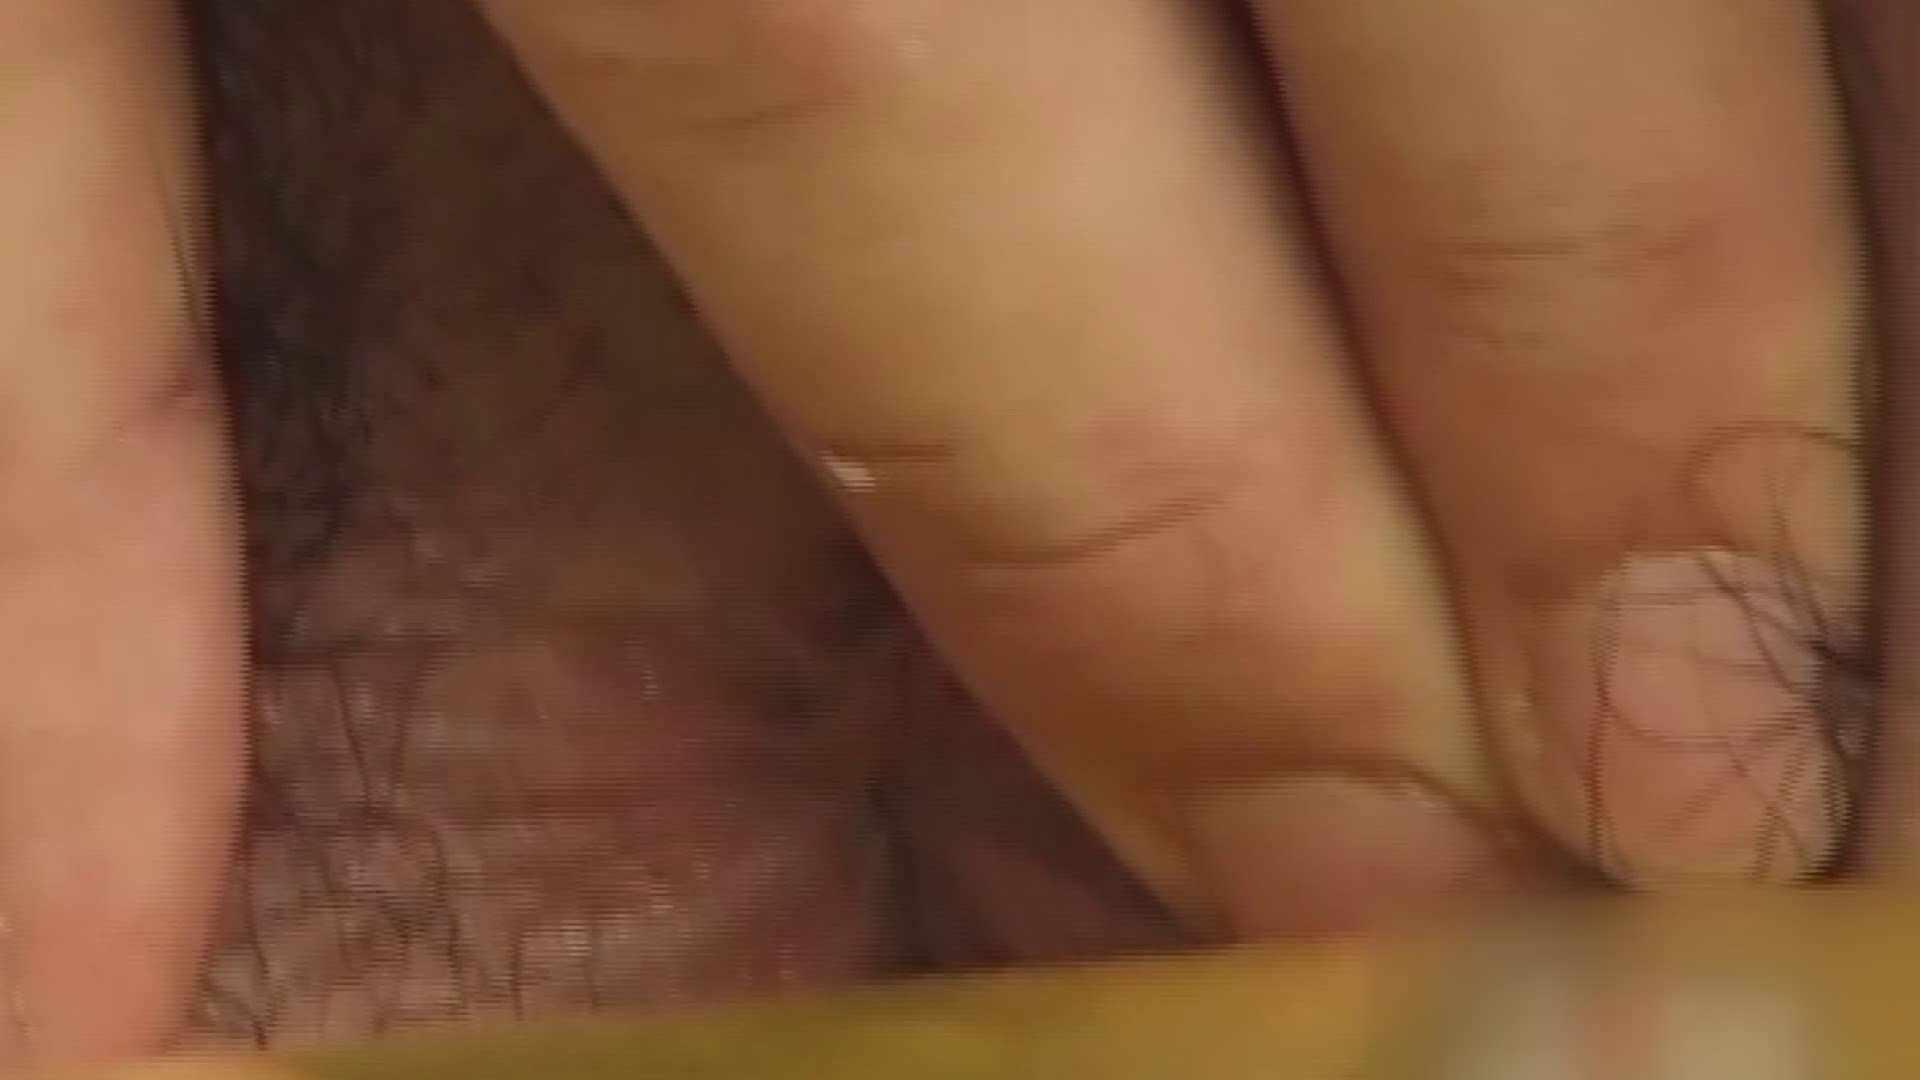 筋肉バカのおてぃんてぃんはほとんどゲイだからぁ…vol.4 フェラDE絶頂 | 人気シリーズ  78pic 51